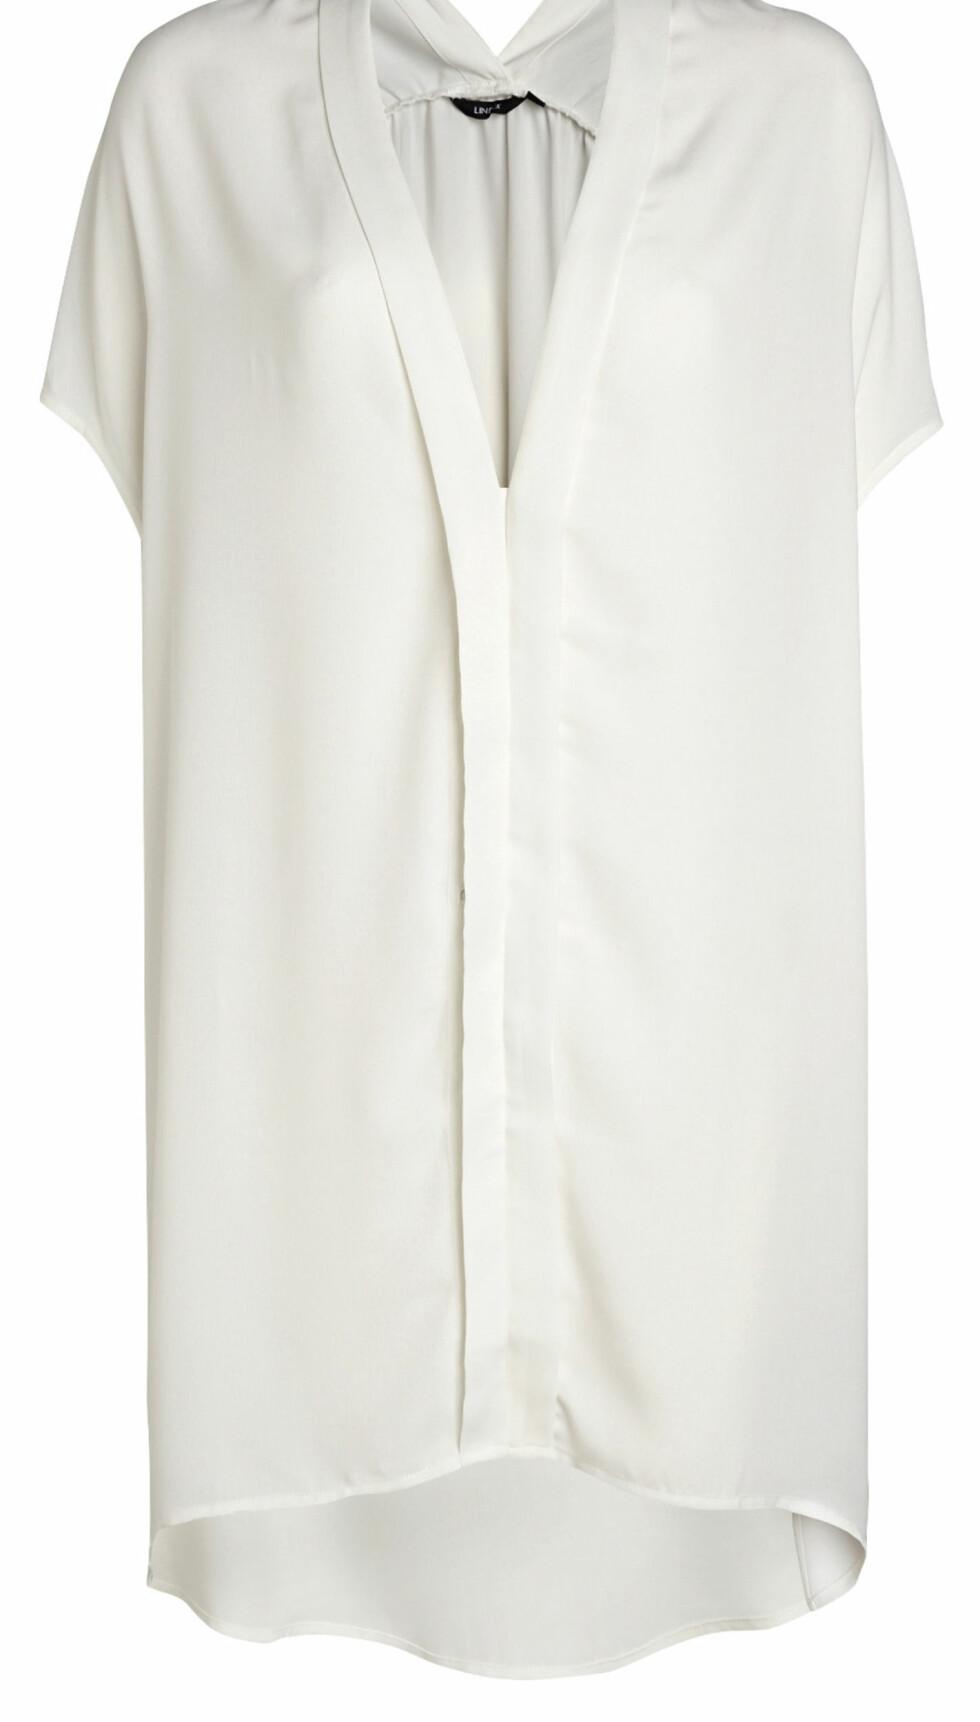 Lang bluse (kr 400). Foto: Produsenten